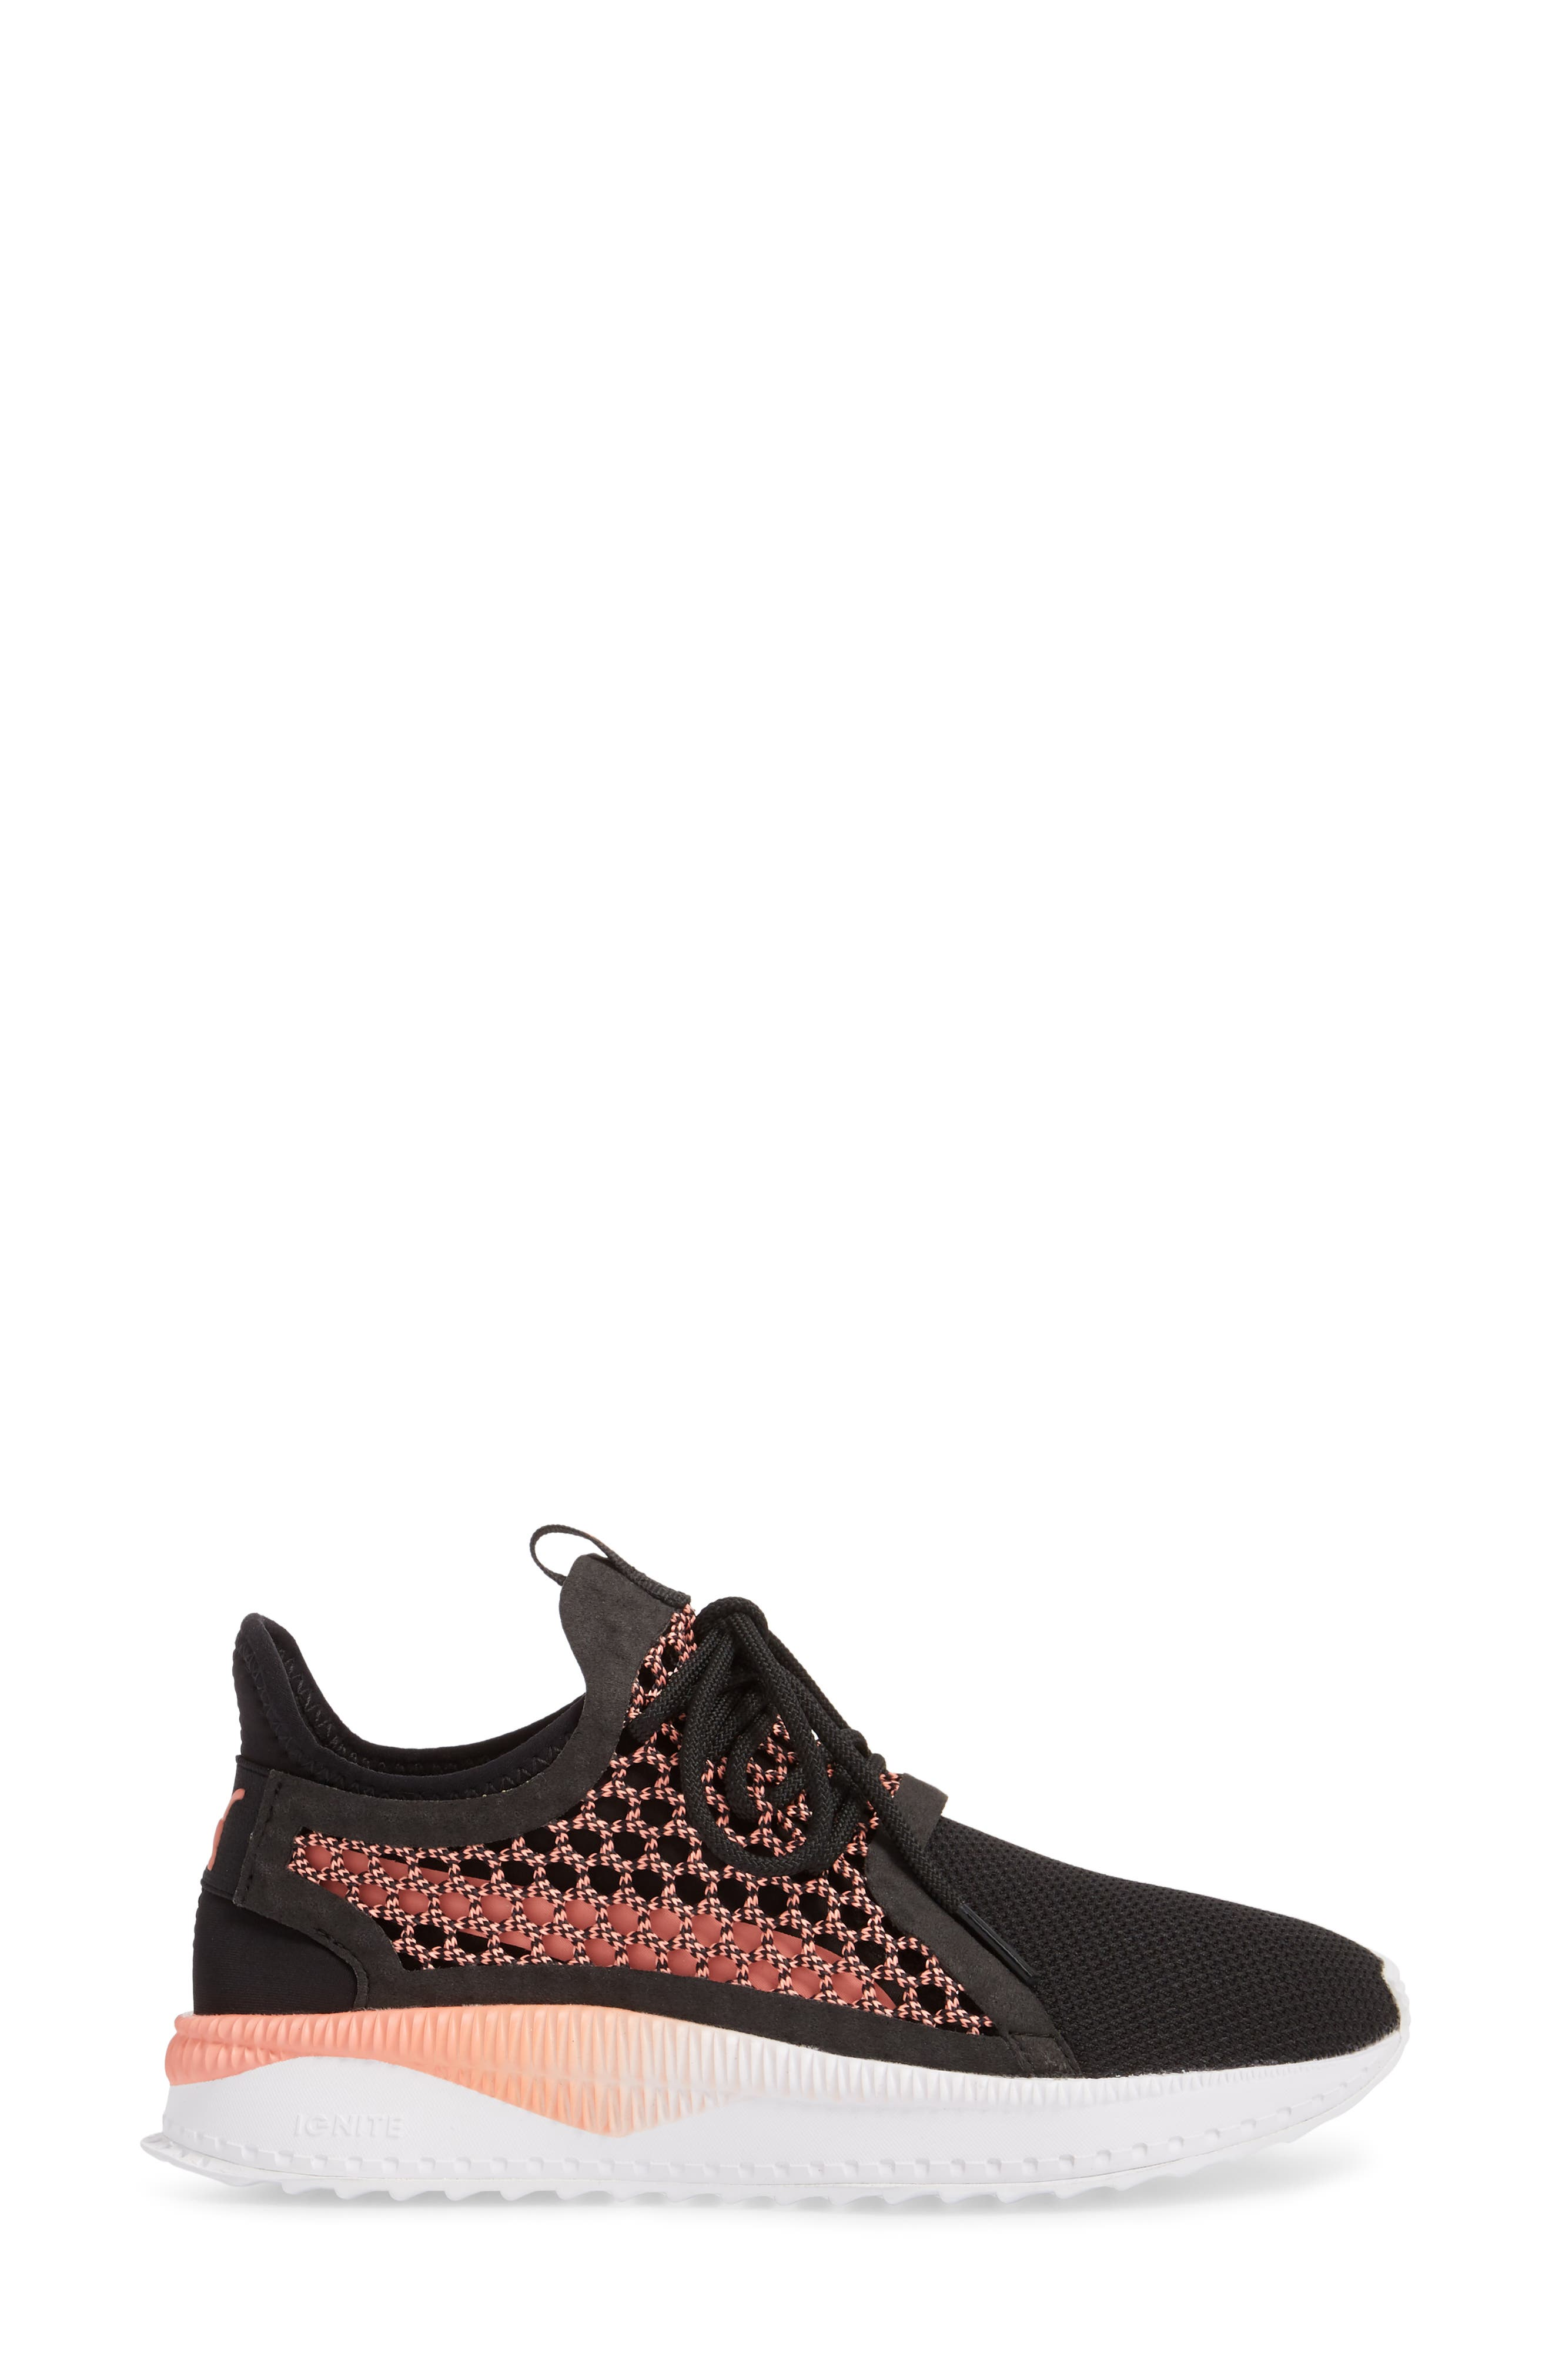 Tsugi Netfit evoKNIT Training Shoe,                             Alternate thumbnail 3, color,                             Black/ Shell Pink/ White